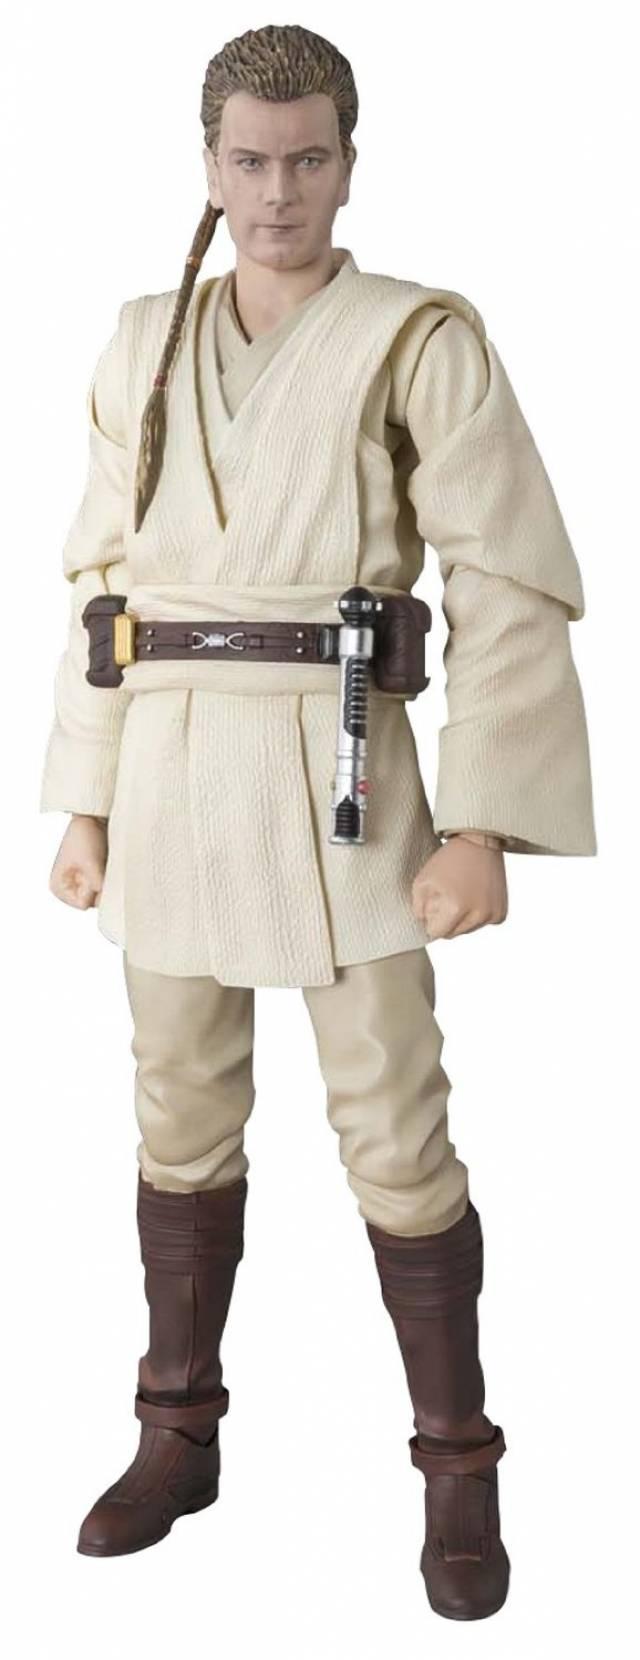 S.H. Figuarts Star Wars - Obi Wan